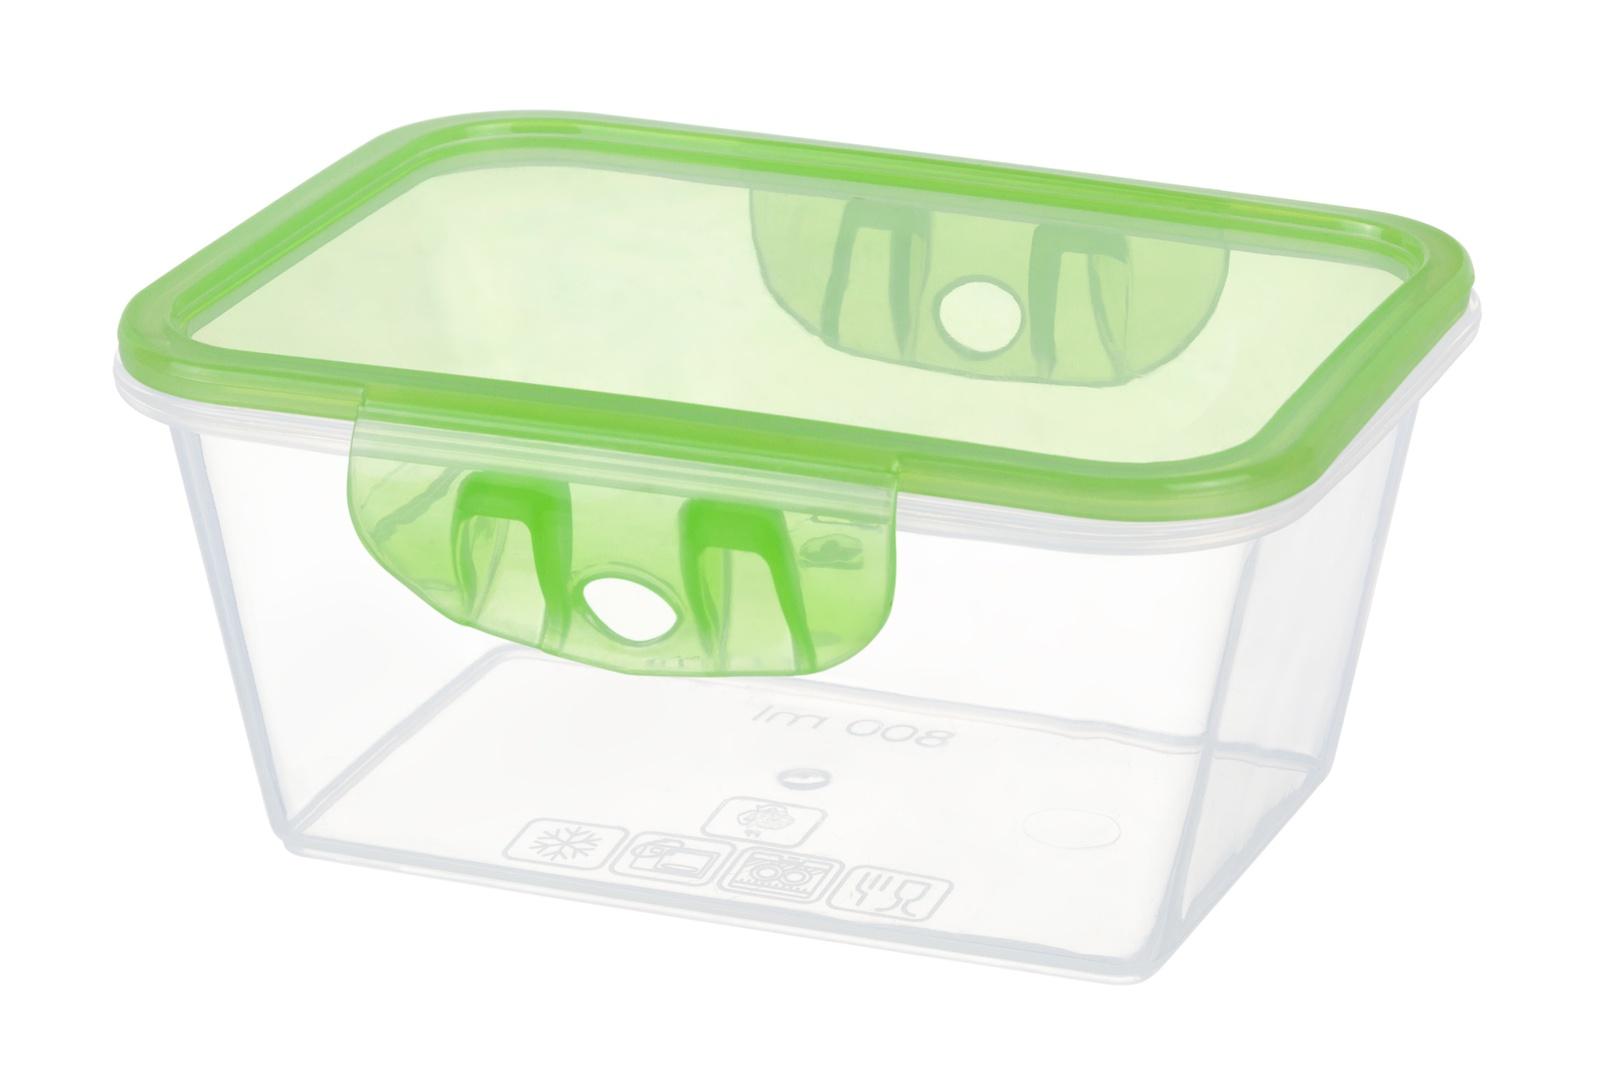 Контейнер пищевой Violet герметичный, Полипропилен контейнер пищевой elff decor цвет зеленый 800 мл